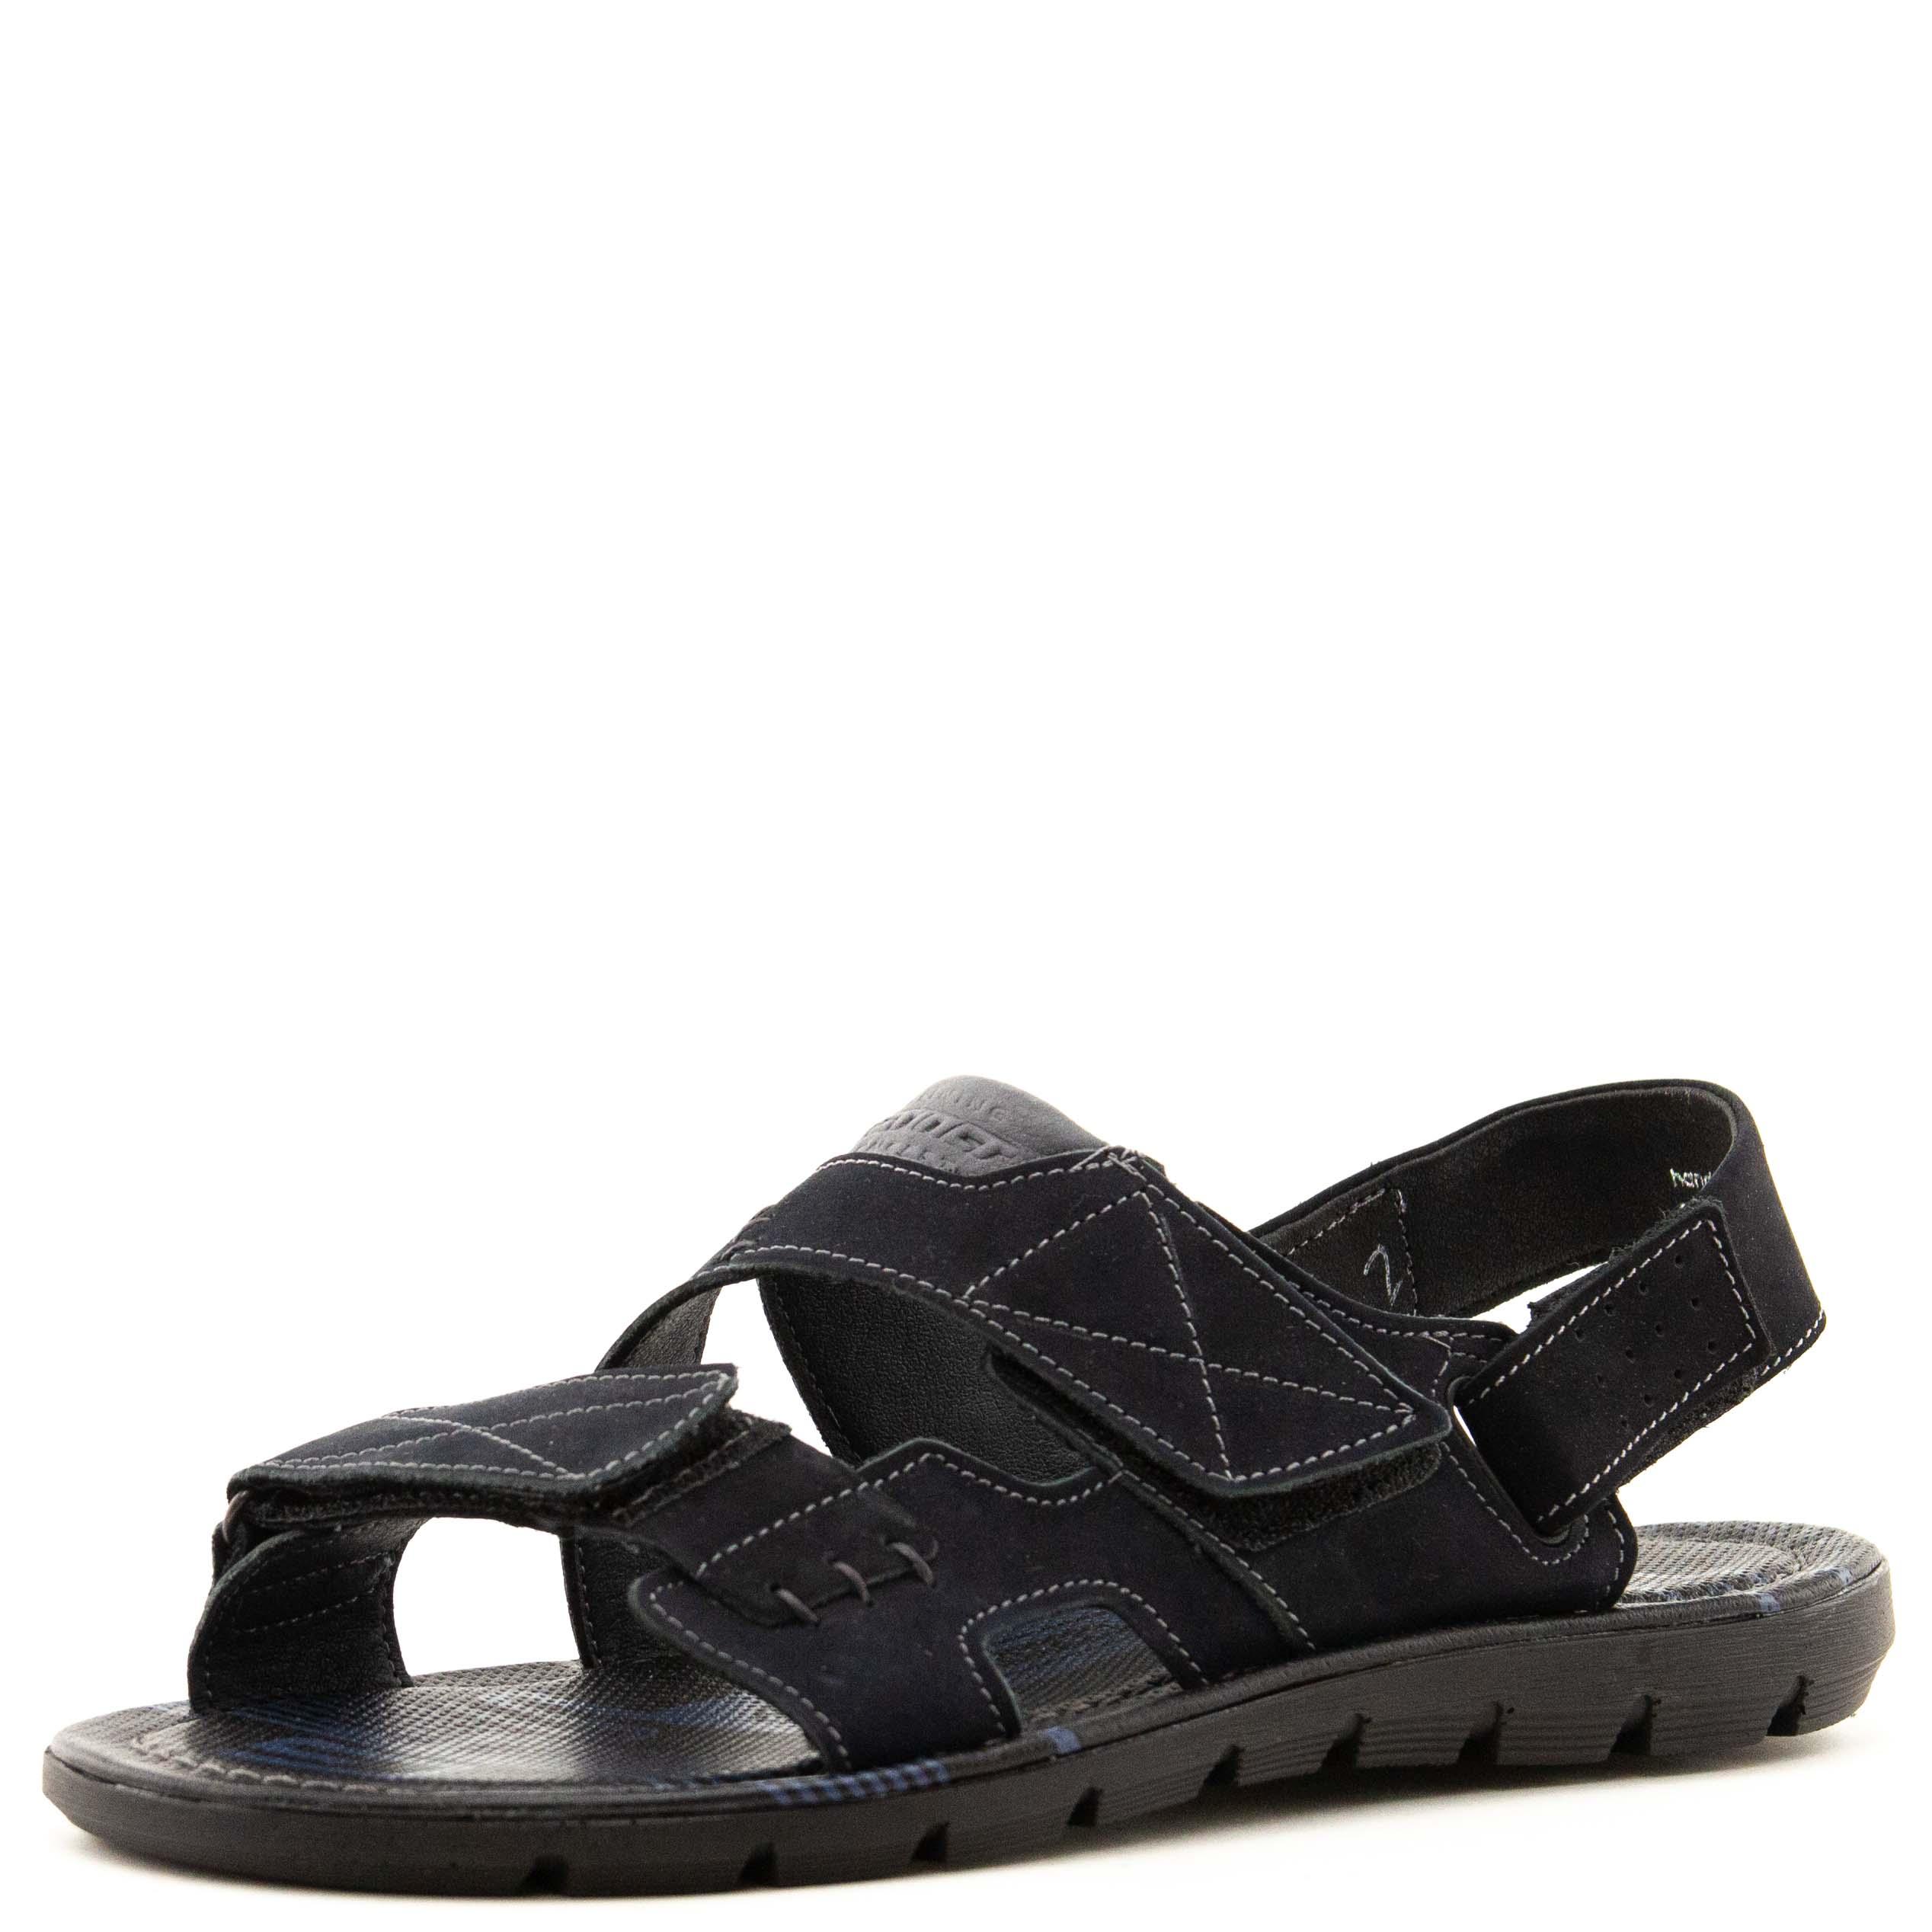 Sandalias de Liga para hombre 221-44 Zapatos KATELVADI, sandalias de gladiador negras para mujer, sandalias de verano para mujer, Sandalias de tacón alto de 8CM con correa en el tobillo, sandalias para mujer, K-317